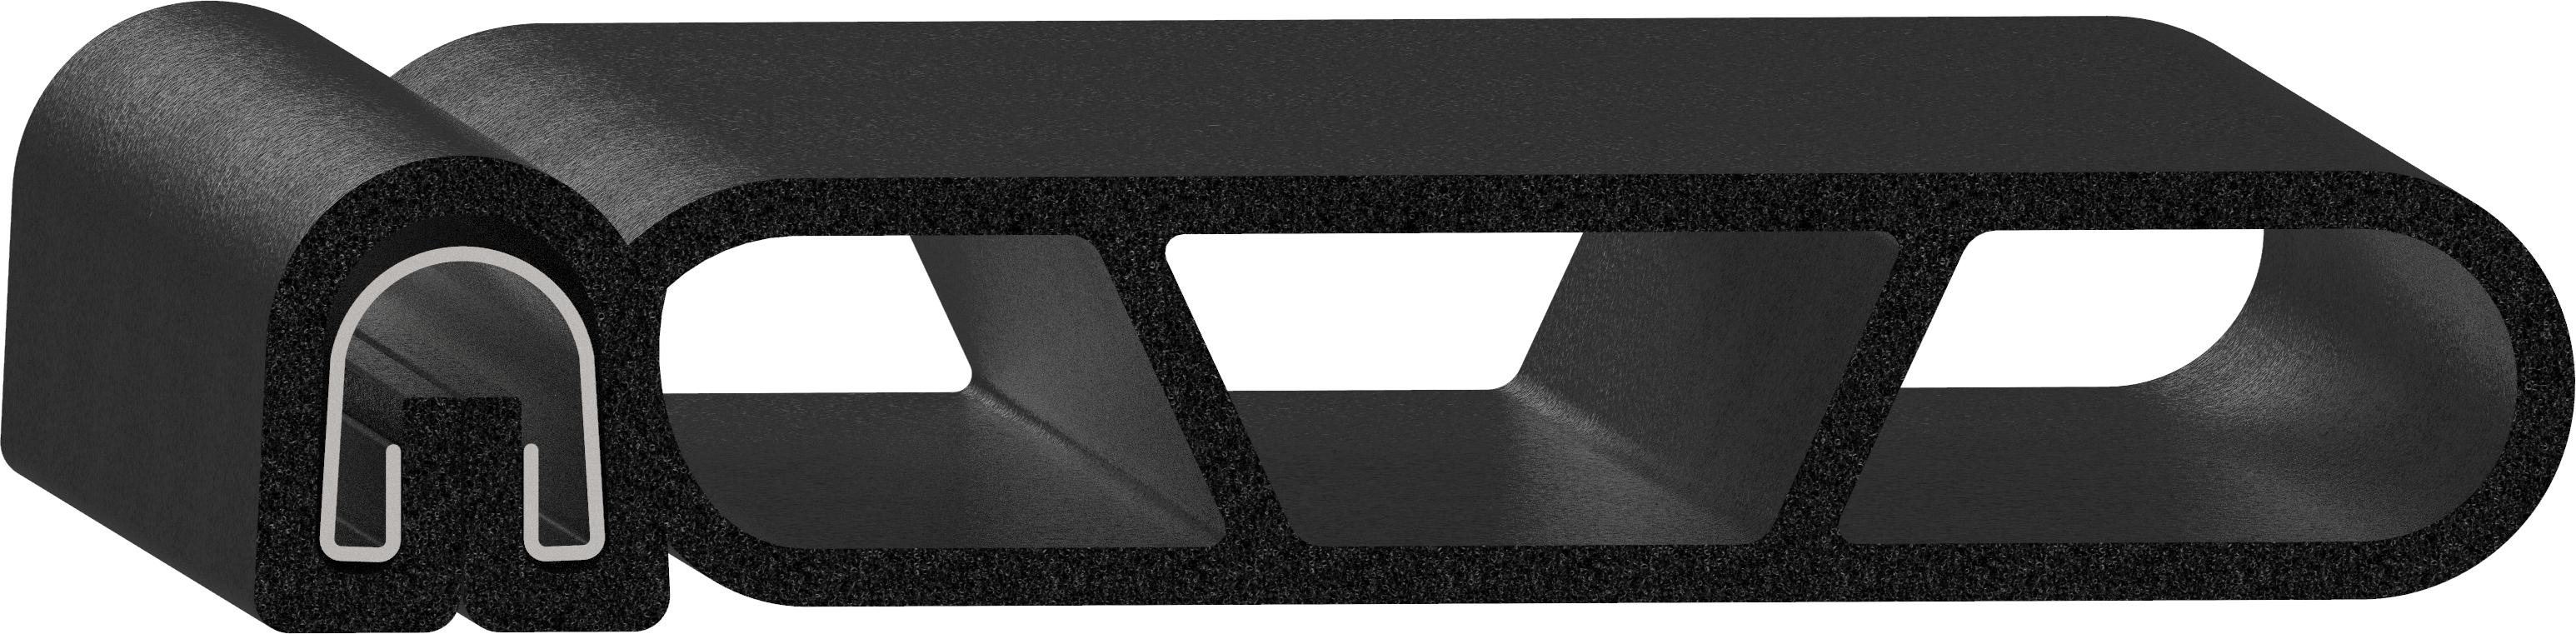 Uni-Grip part: SD-509